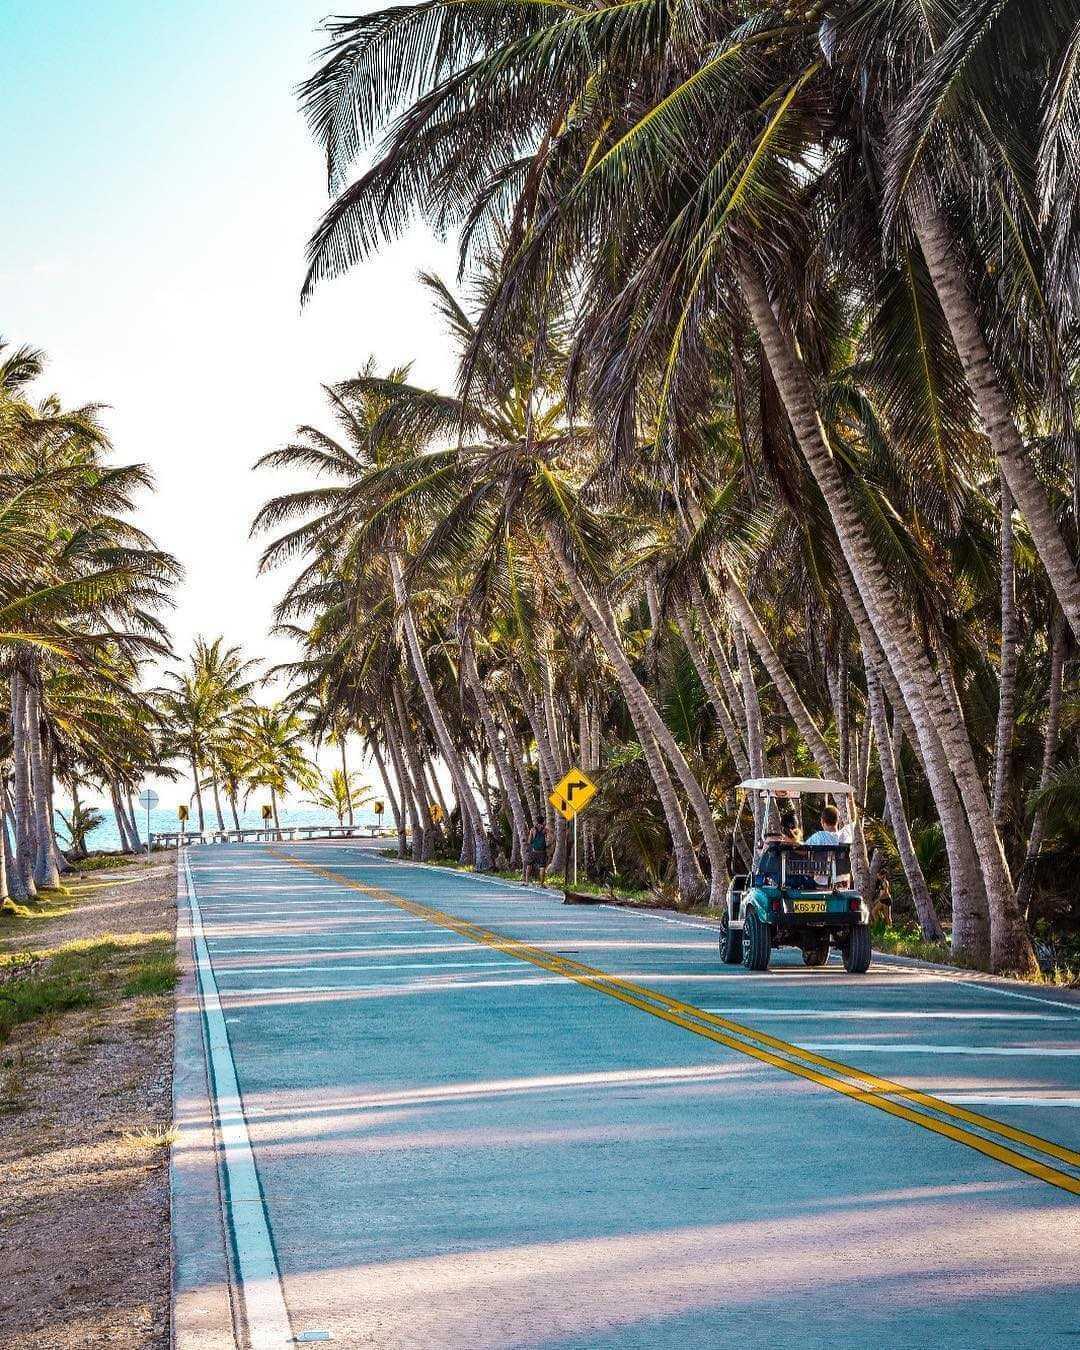 Carrito de golf en la isla de Colombia